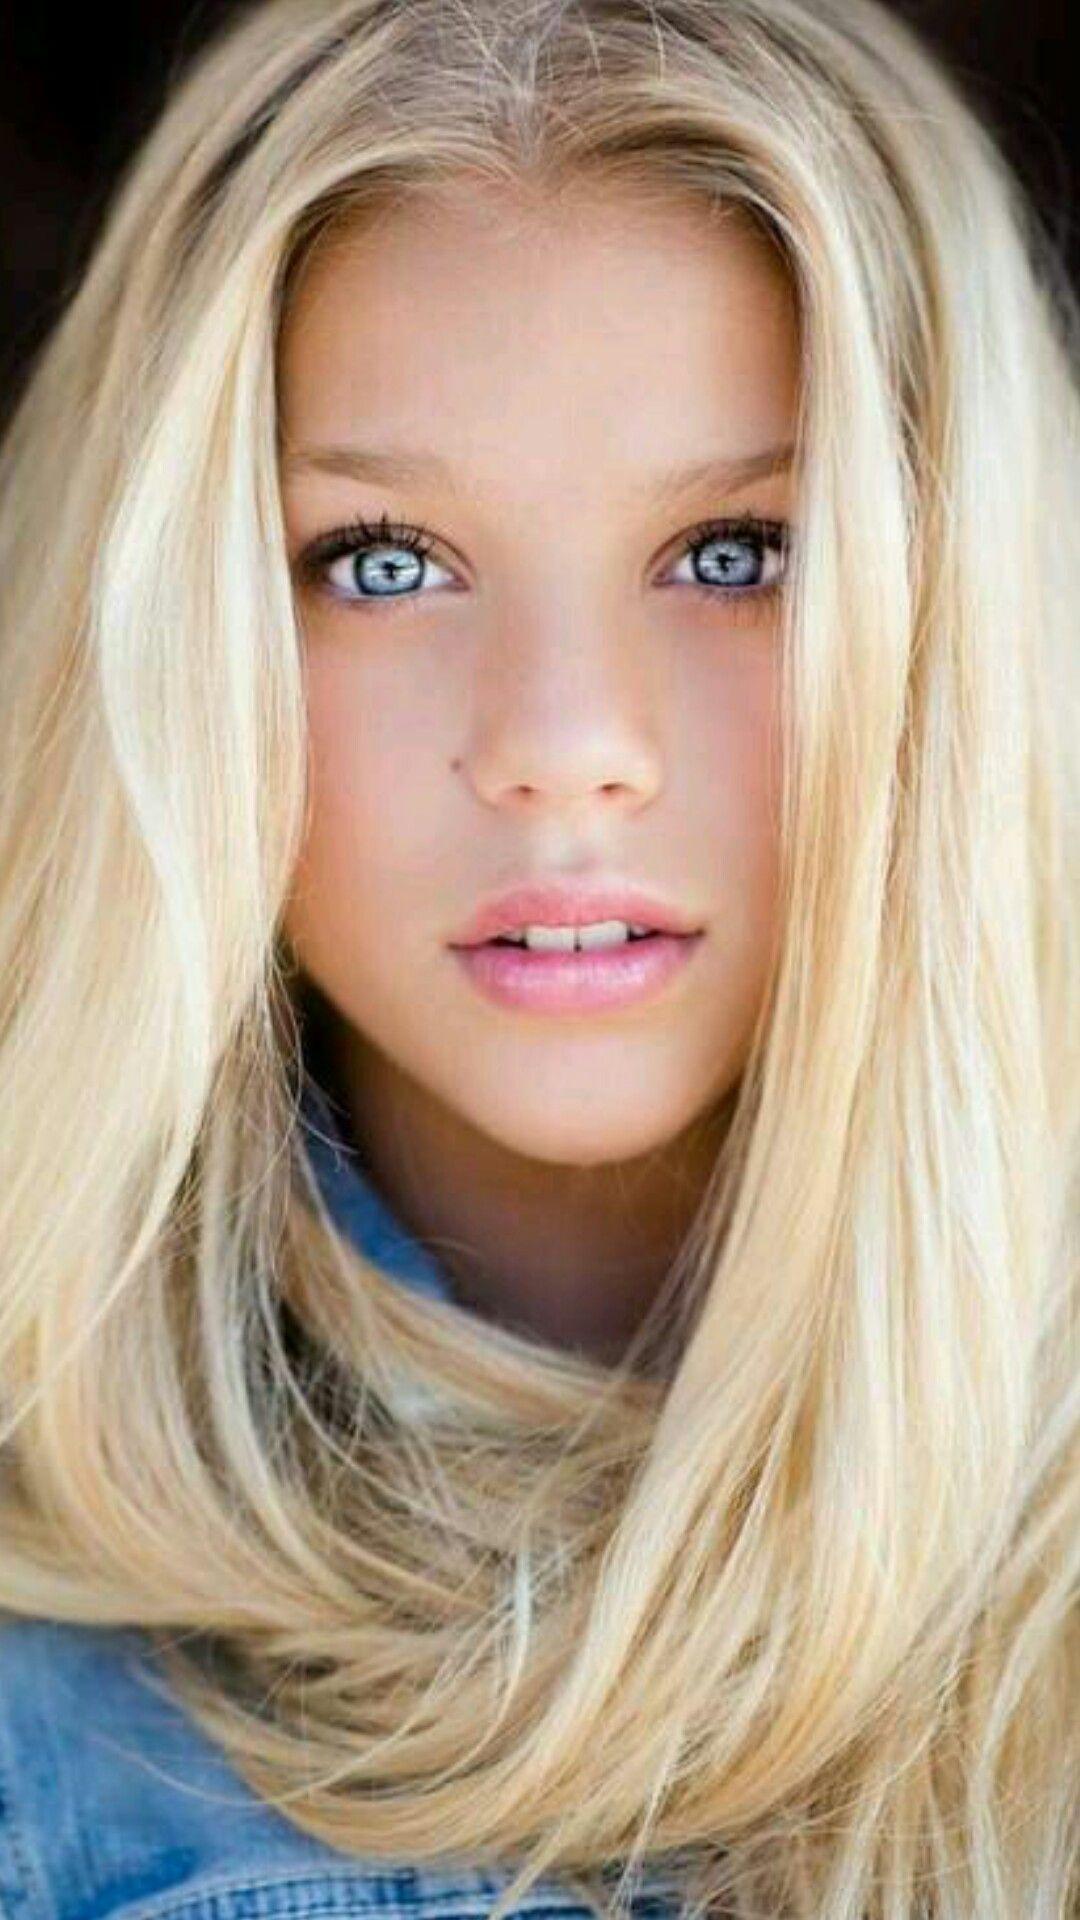 df4f6186be Gente Bonita, Cara Bonita, Mujer Bonita, Ojos Lindos, Rostro Hermosos,  Rostro